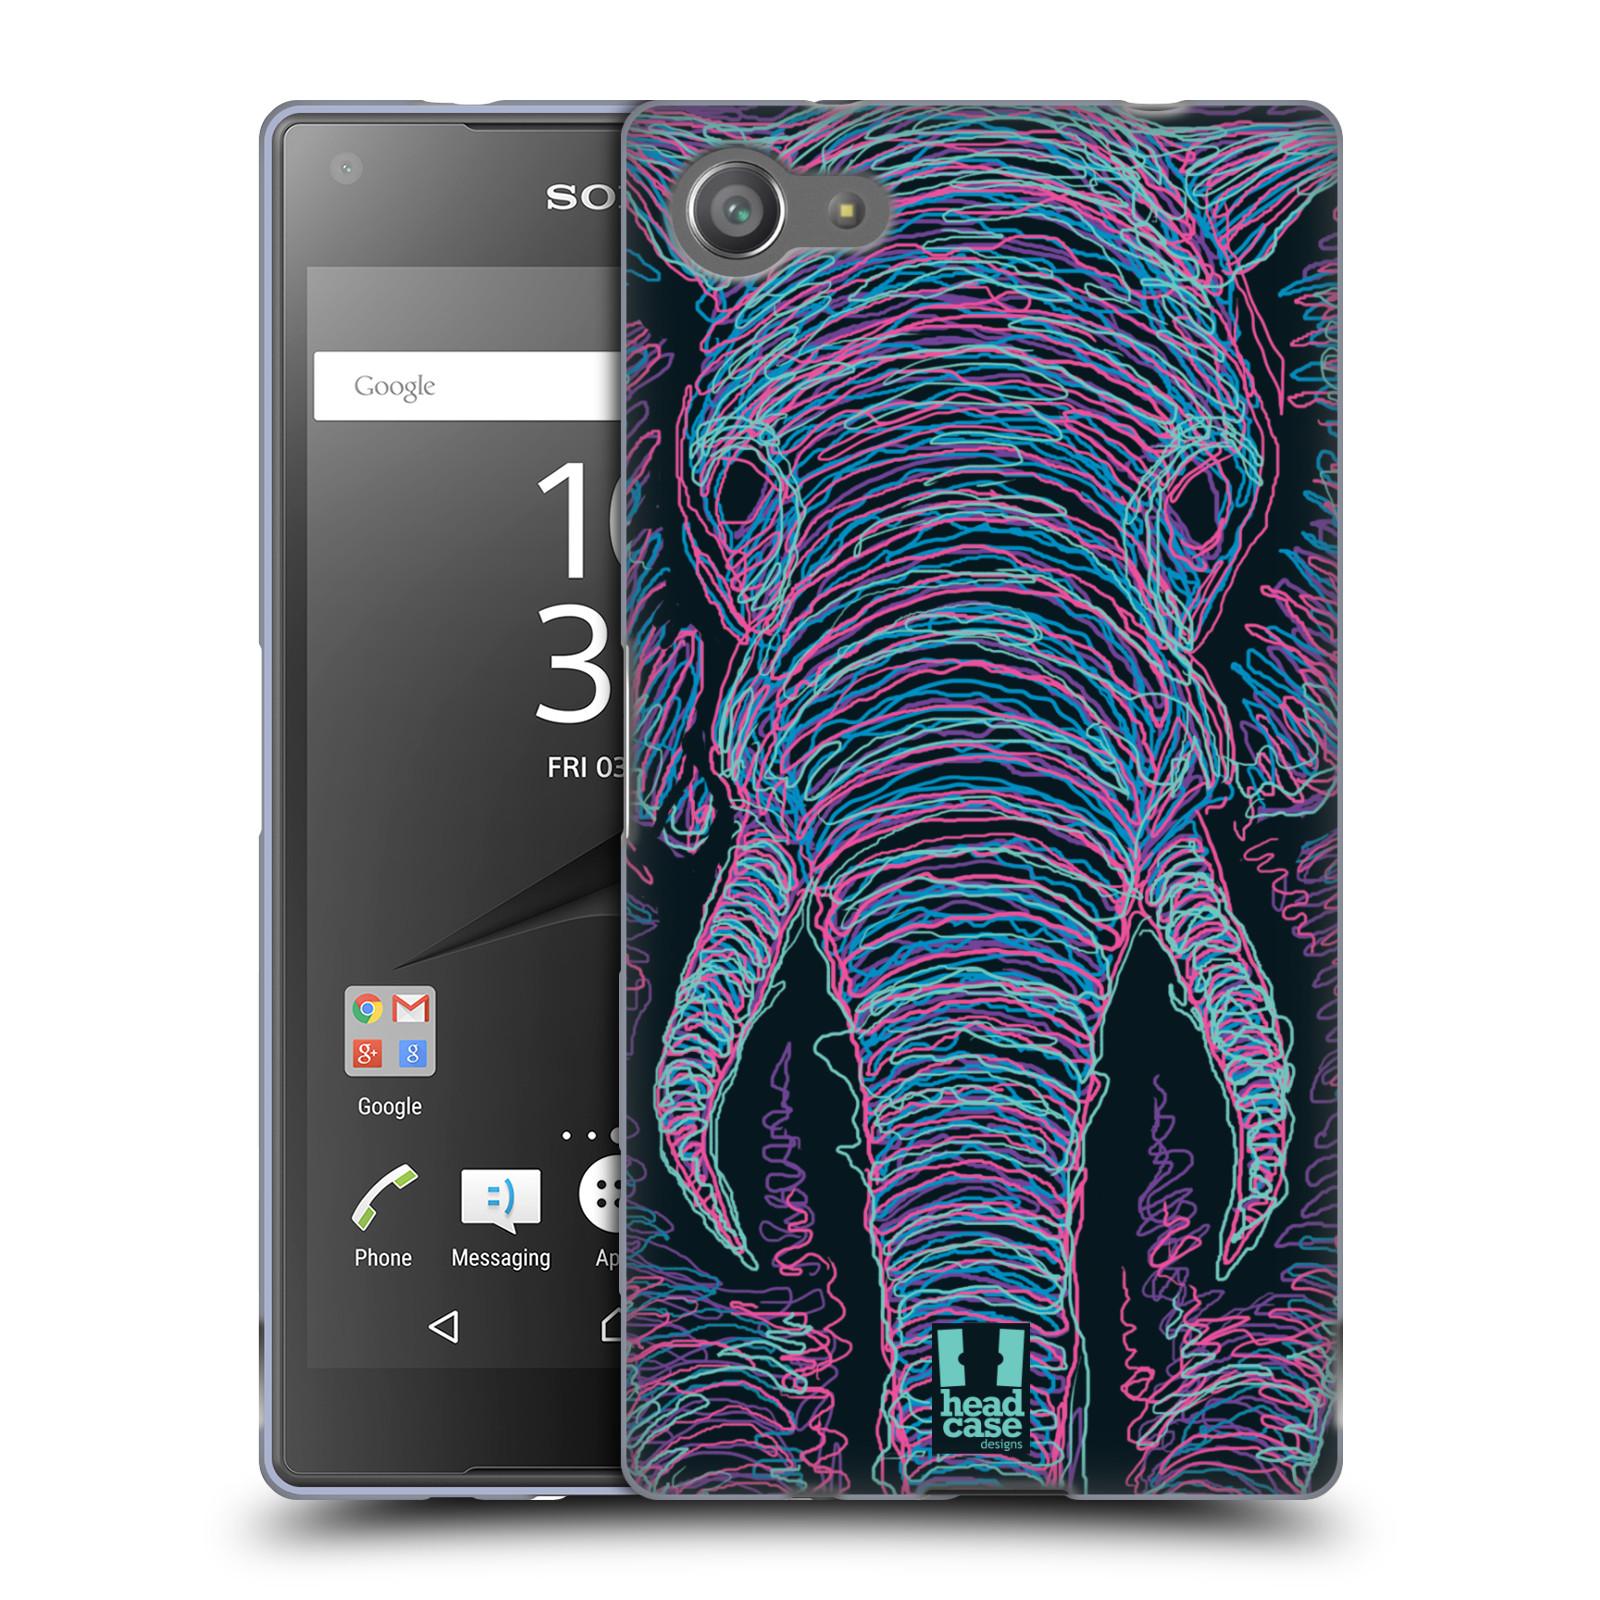 HEAD CASE silikonový obal na mobil Sony Xperia Z5 COMPACT vzor zvíře čmáranice slon